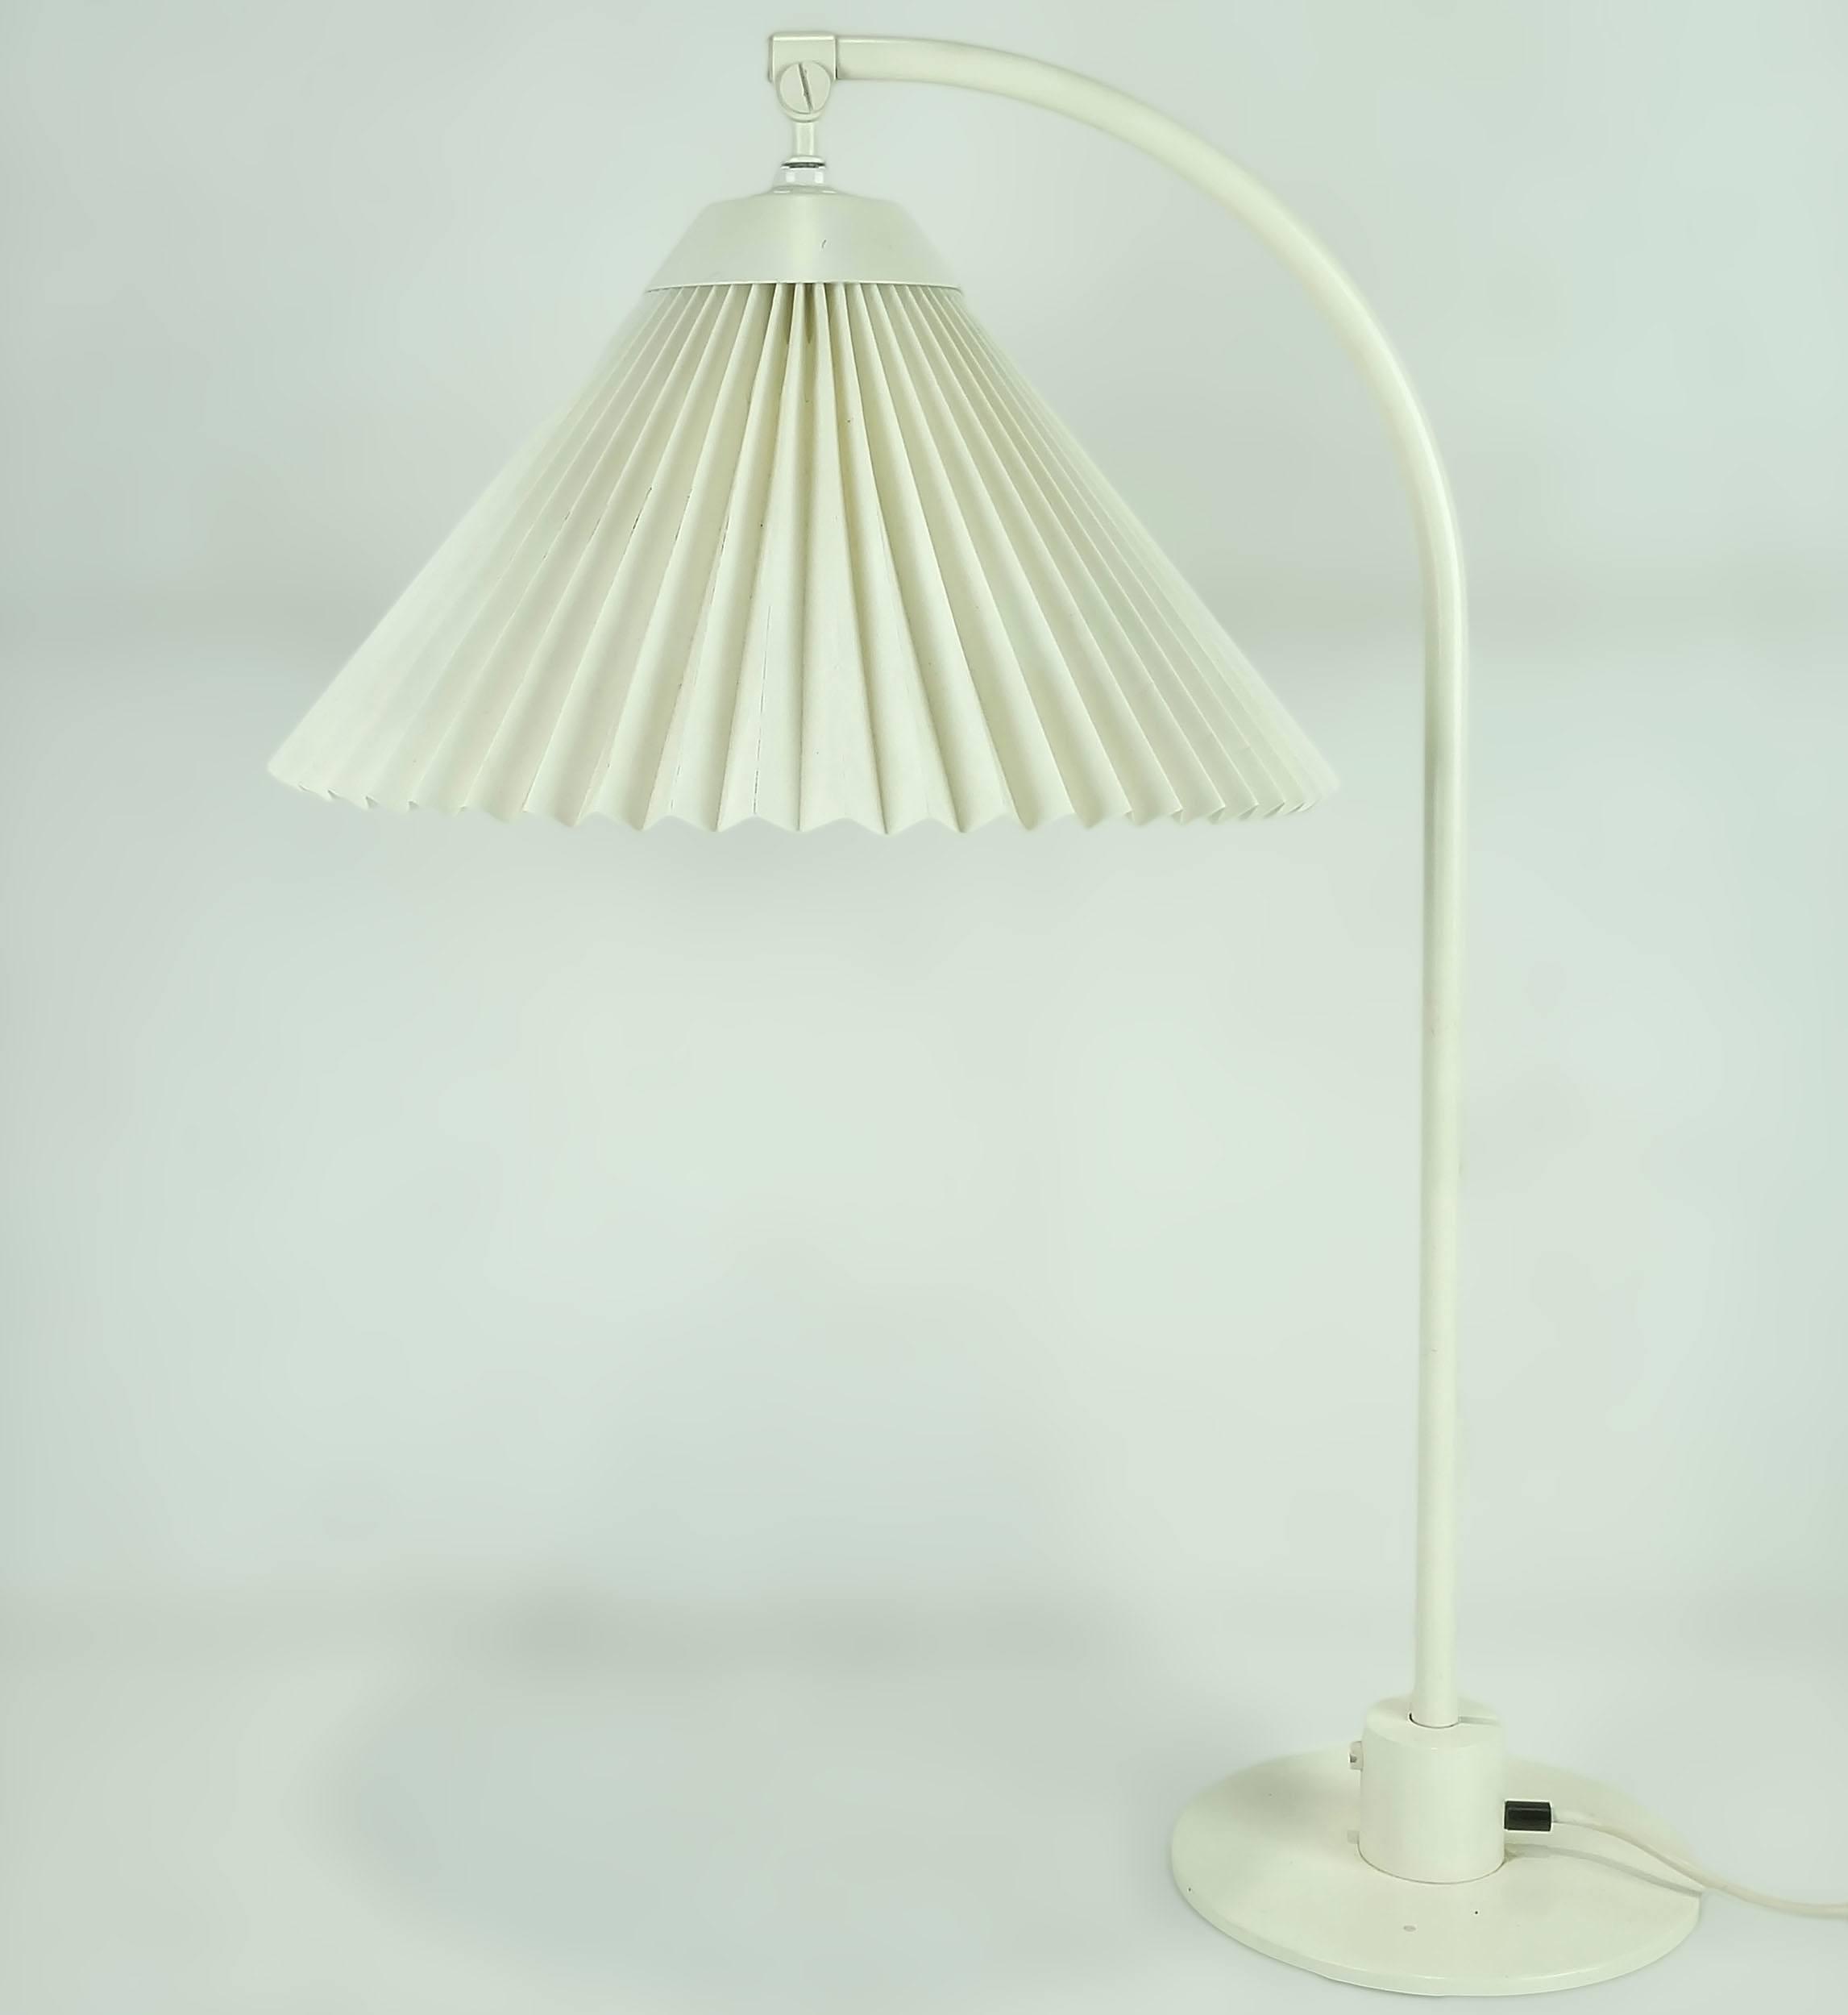 'Le Klint Denmark Table Lamp'